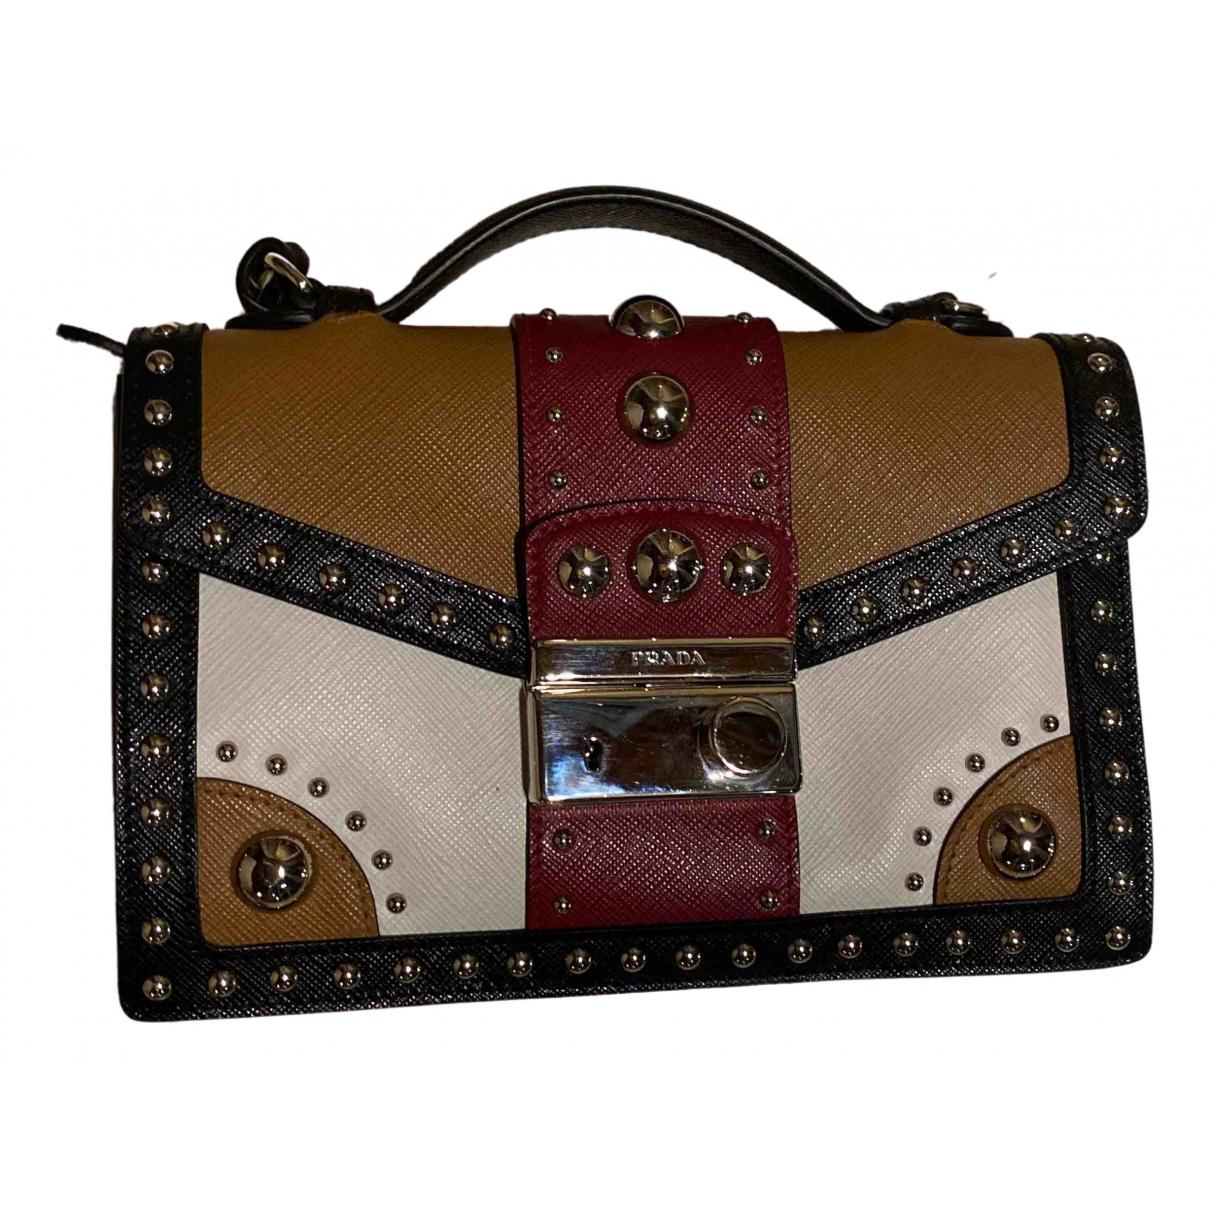 Prada \N Multicolour Leather Clutch bag for Women \N